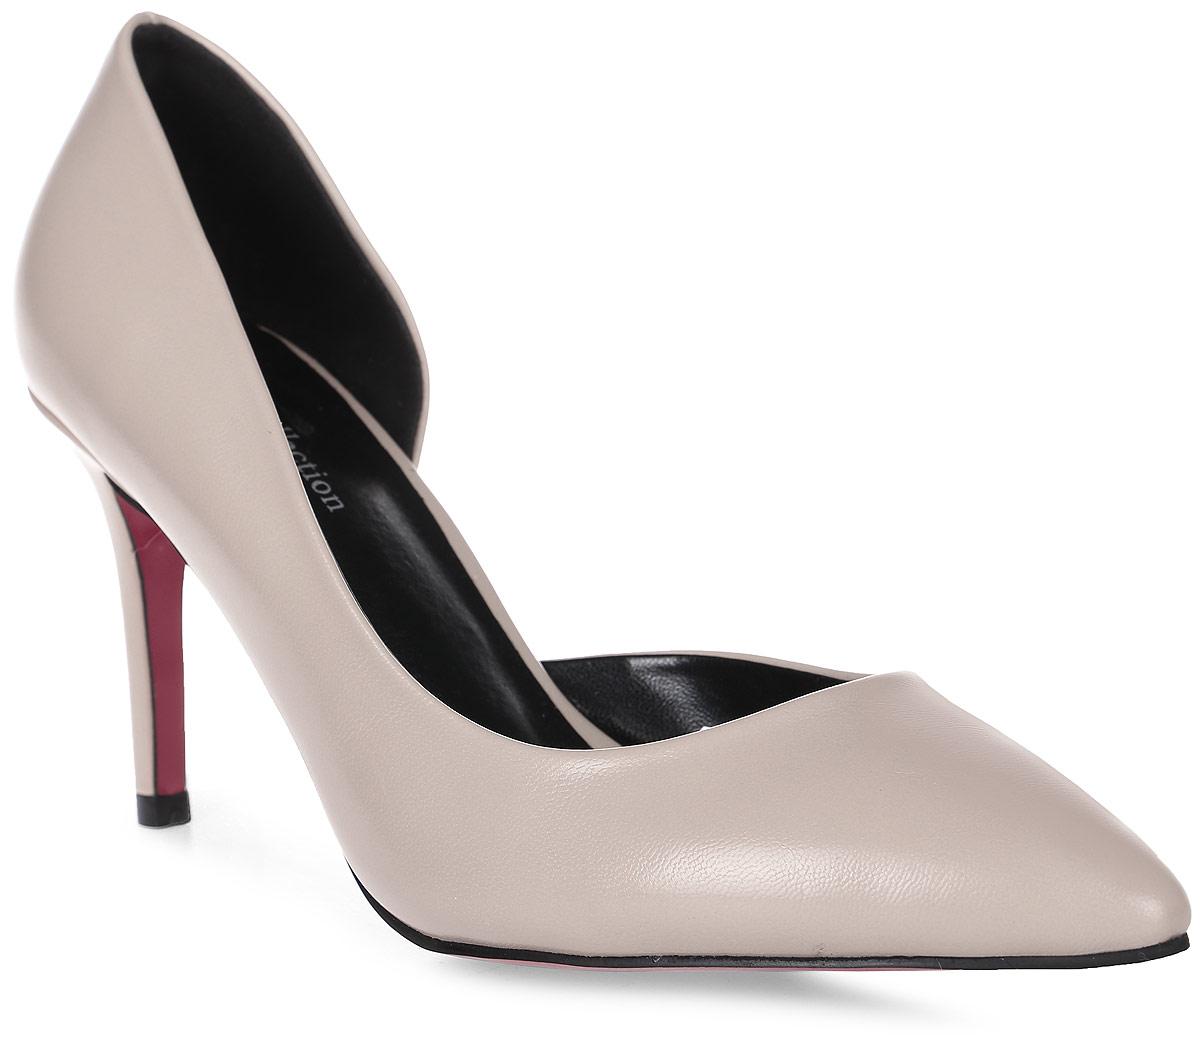 Туфли женские LK collection, цвет: бежевый. SP-EA1302-2 PU (SP-E18003-5). Размер 40SP-EA1302-2 PU (SP-E18003-5)Стильные туфли-лодочки на шпильке выполнены из искусственной кожи. Стелька выполнена из натуральной кожи.